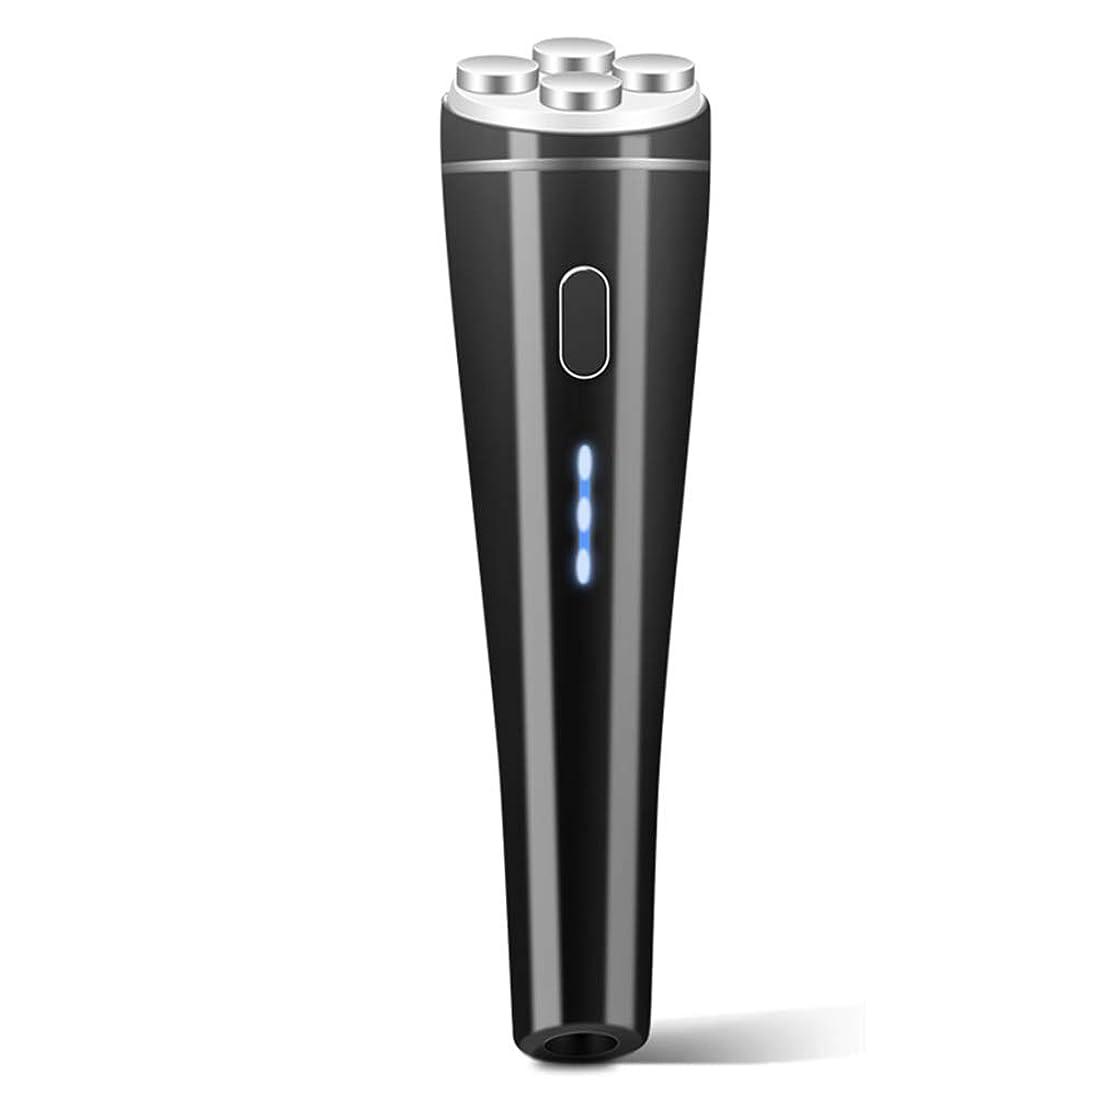 法王虚栄心人間Moonvvin LED Photon Skin Rejuvenation EMS Mesotherapy Electroporation Face RF Radio Frequency Skin Care Tighten Lifting Massager